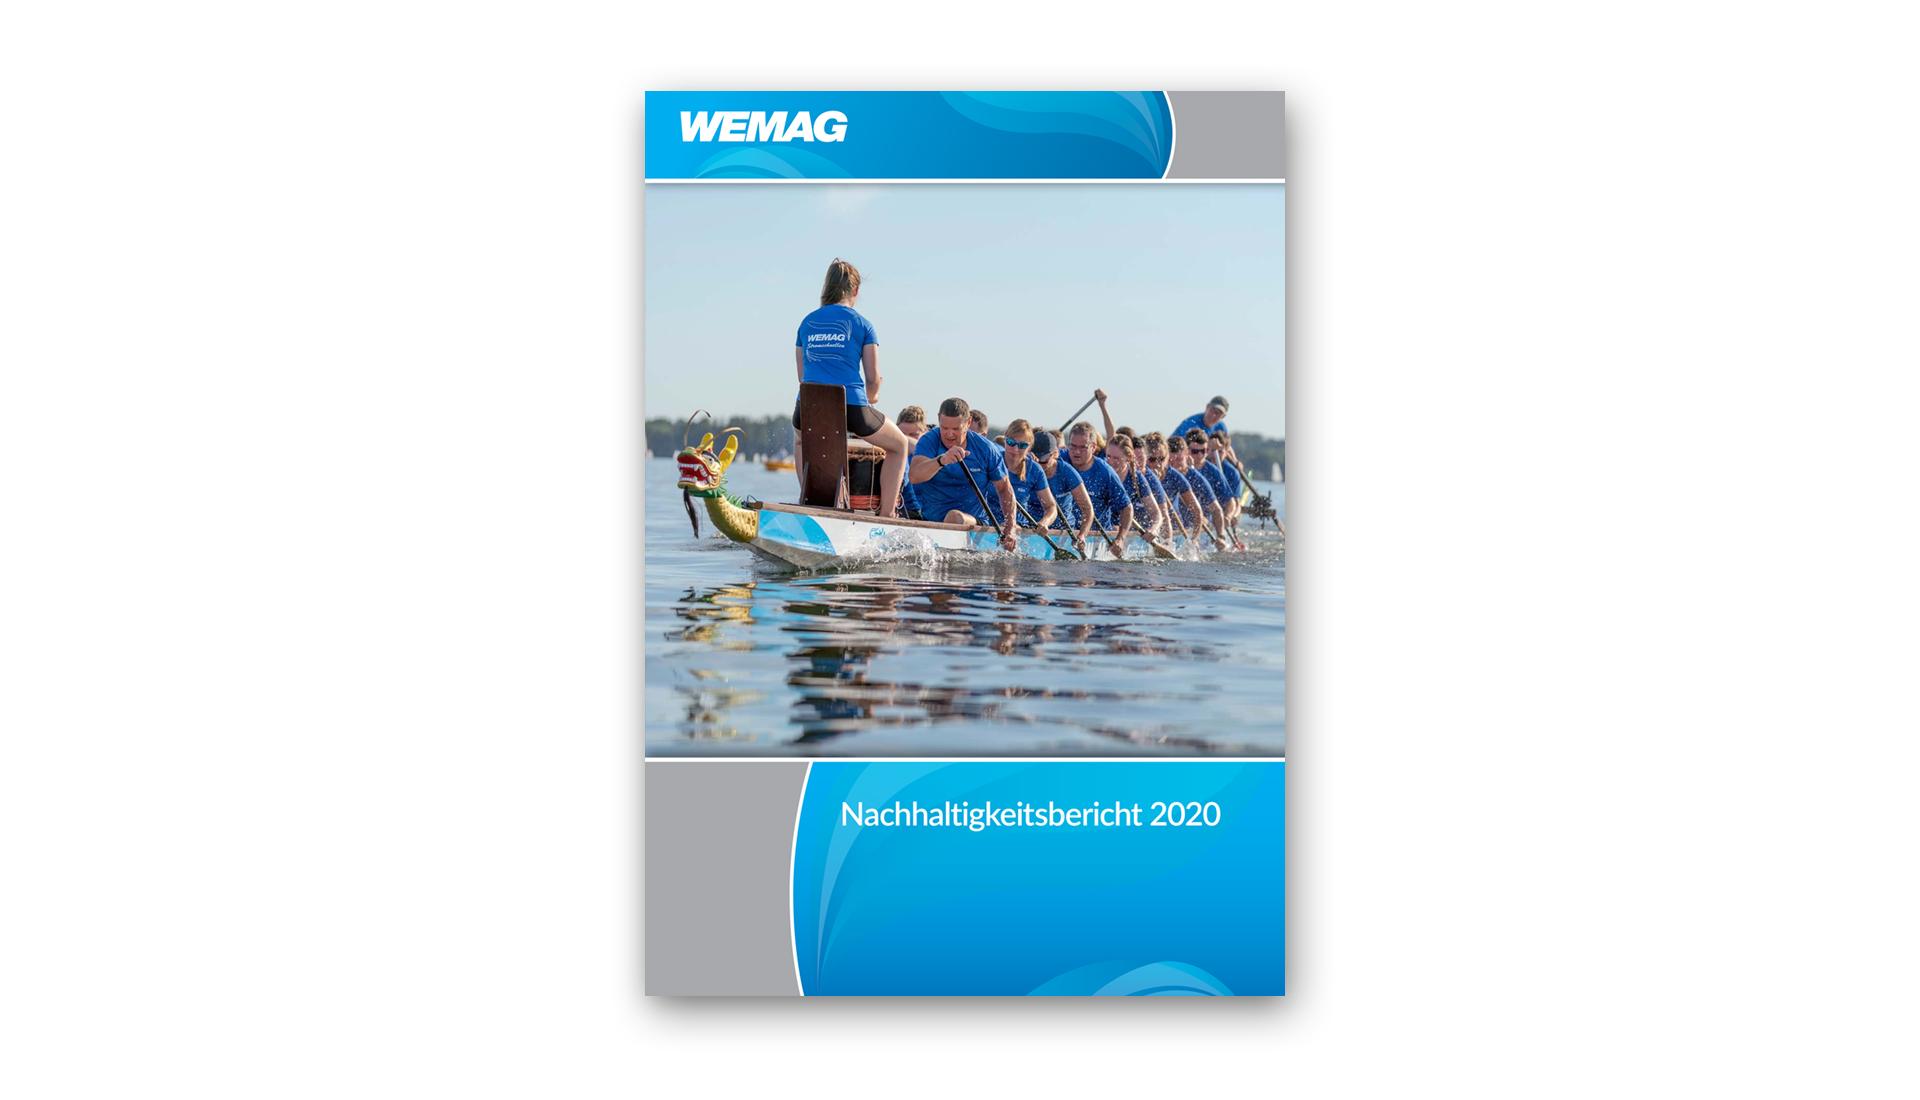 Design des Titels des Nachhaltigkeitsberichts 2020 der WEMAG AG